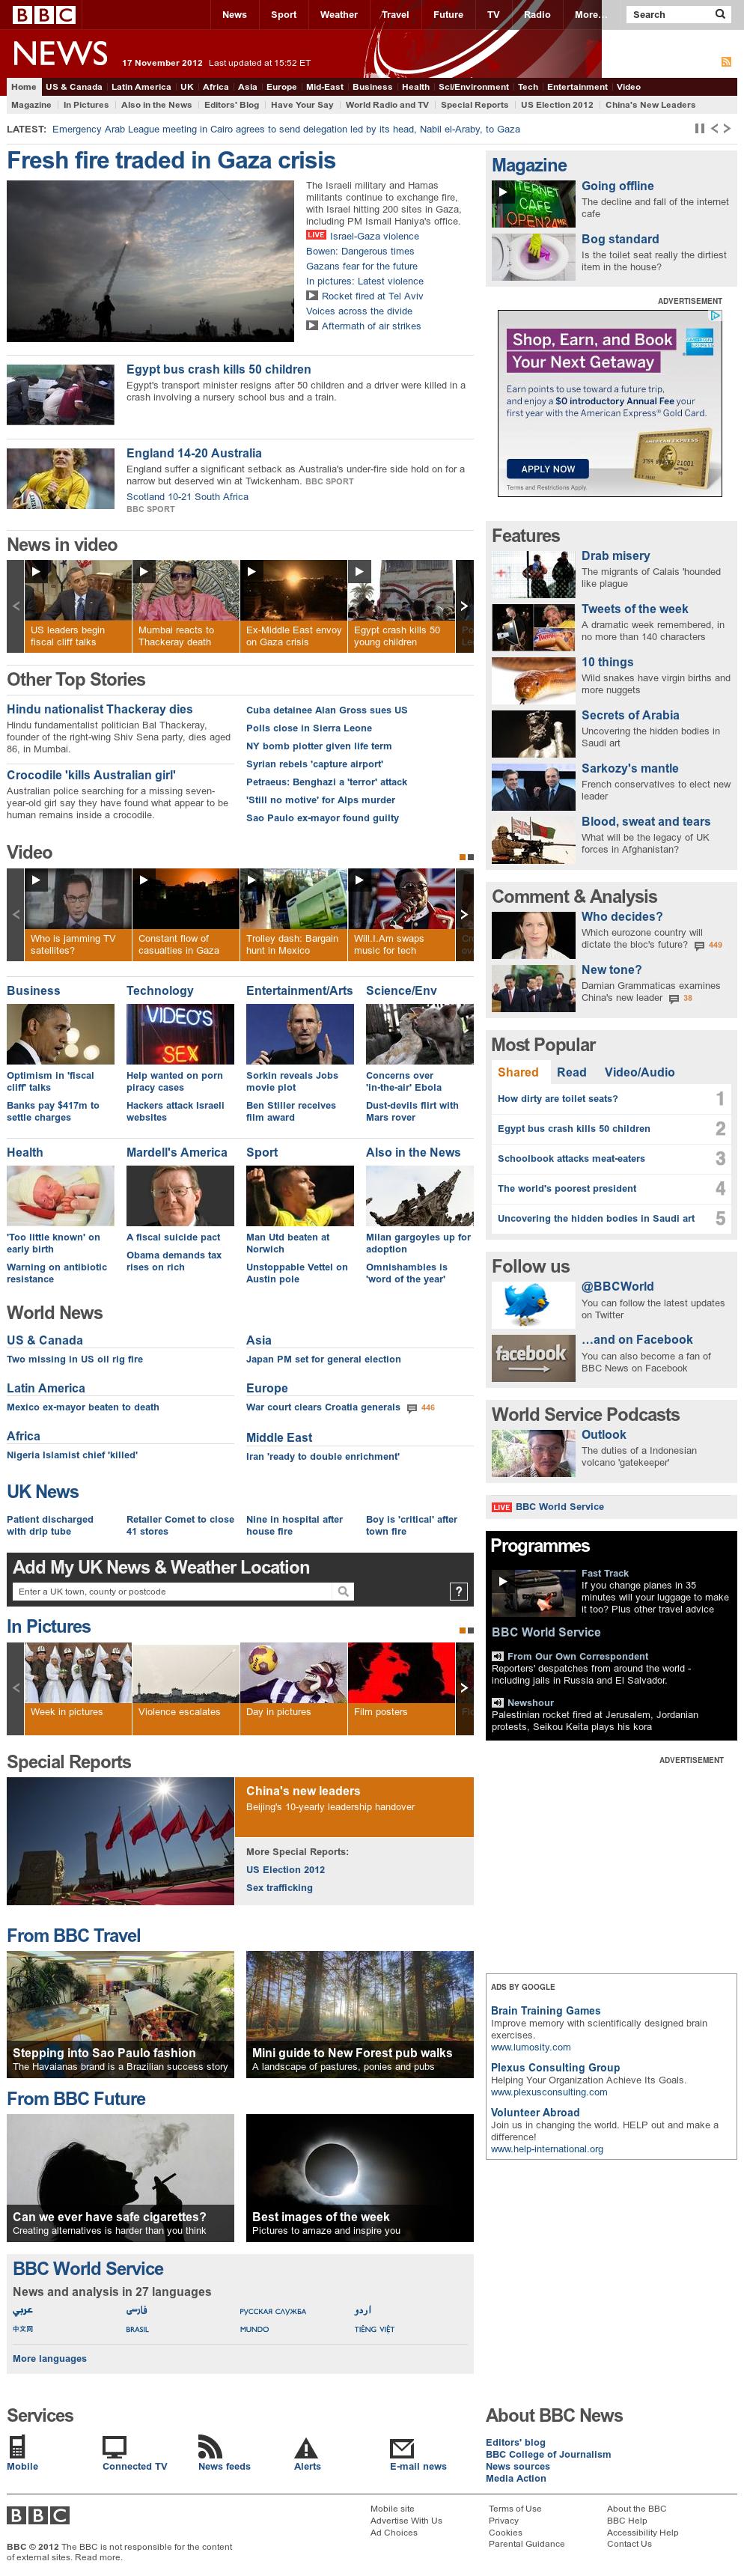 BBC at Saturday Nov. 17, 2012, 9:01 p.m. UTC